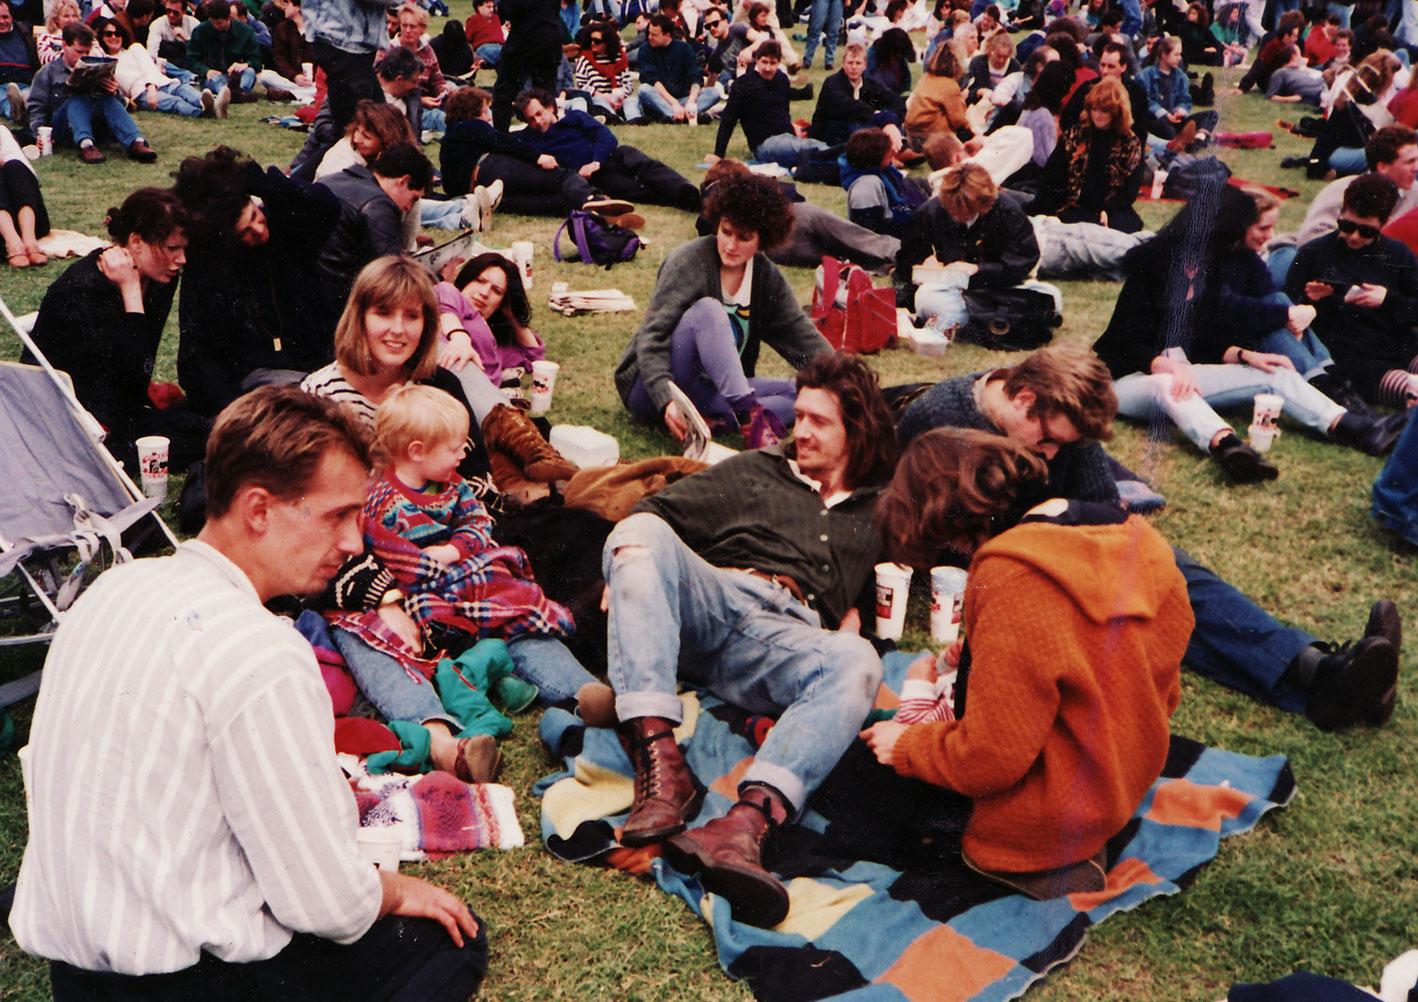 1991_07Finsburypkfesty_wm.jpg